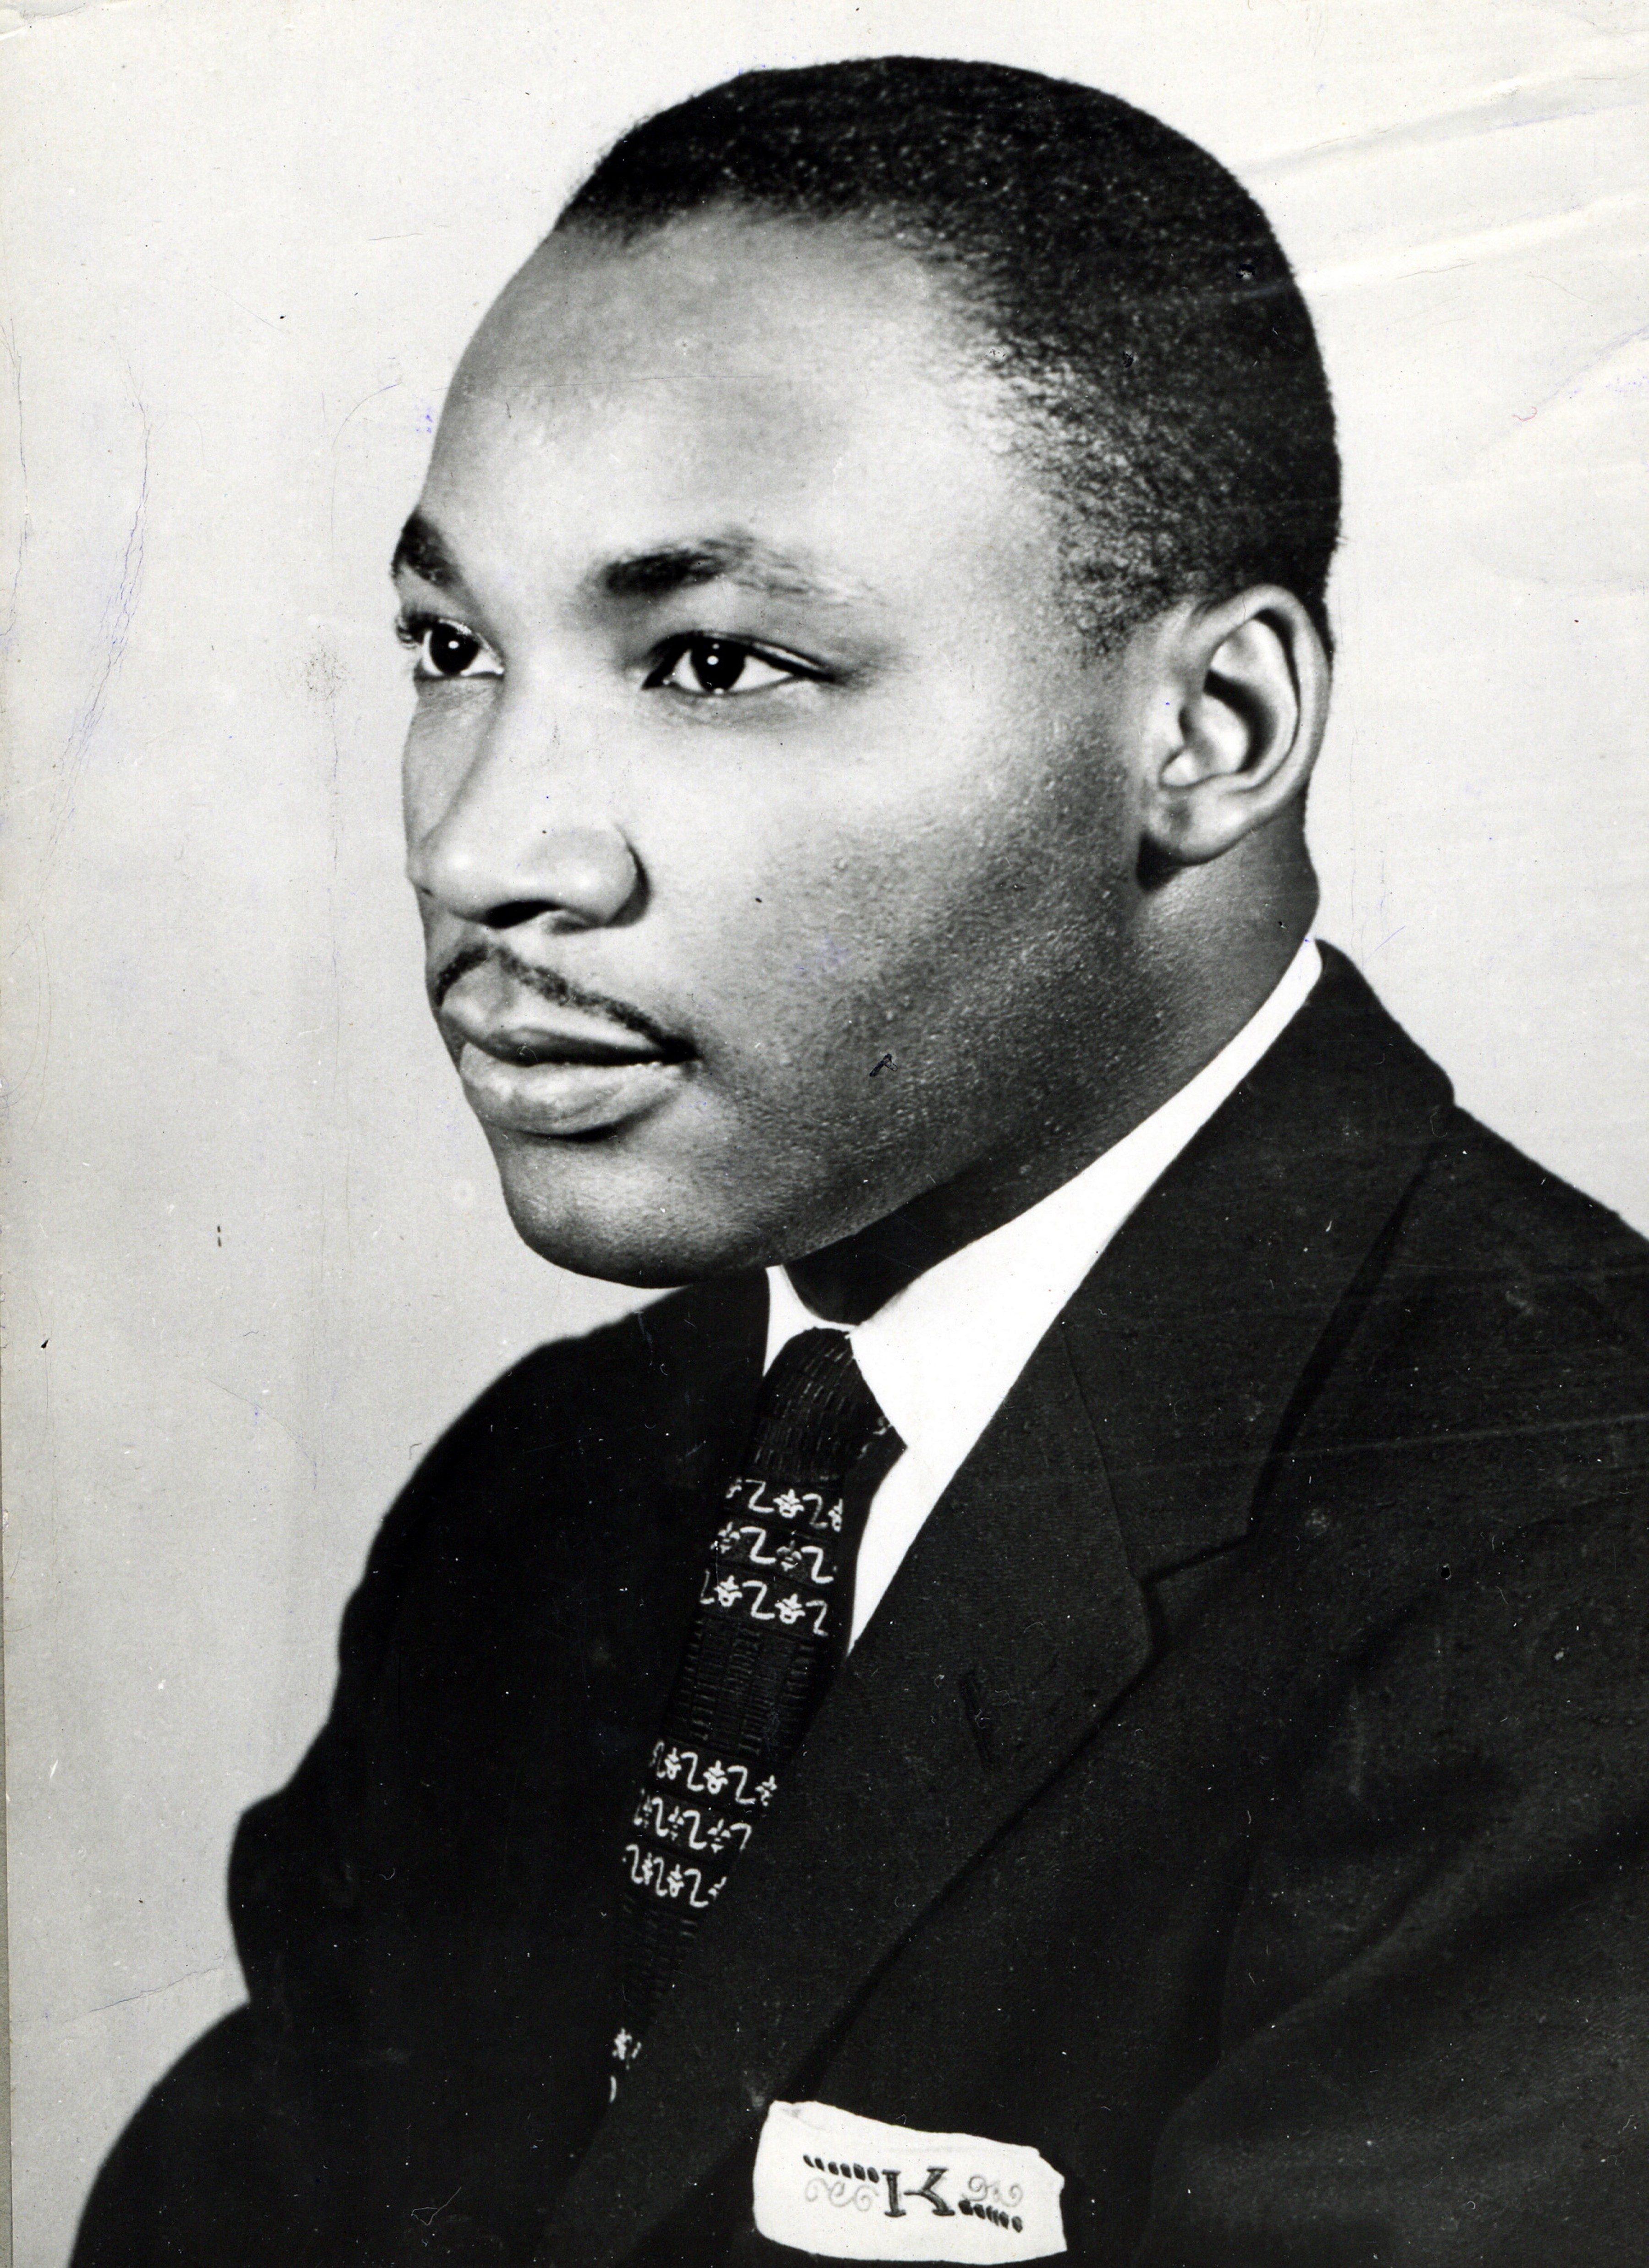 MLK junior